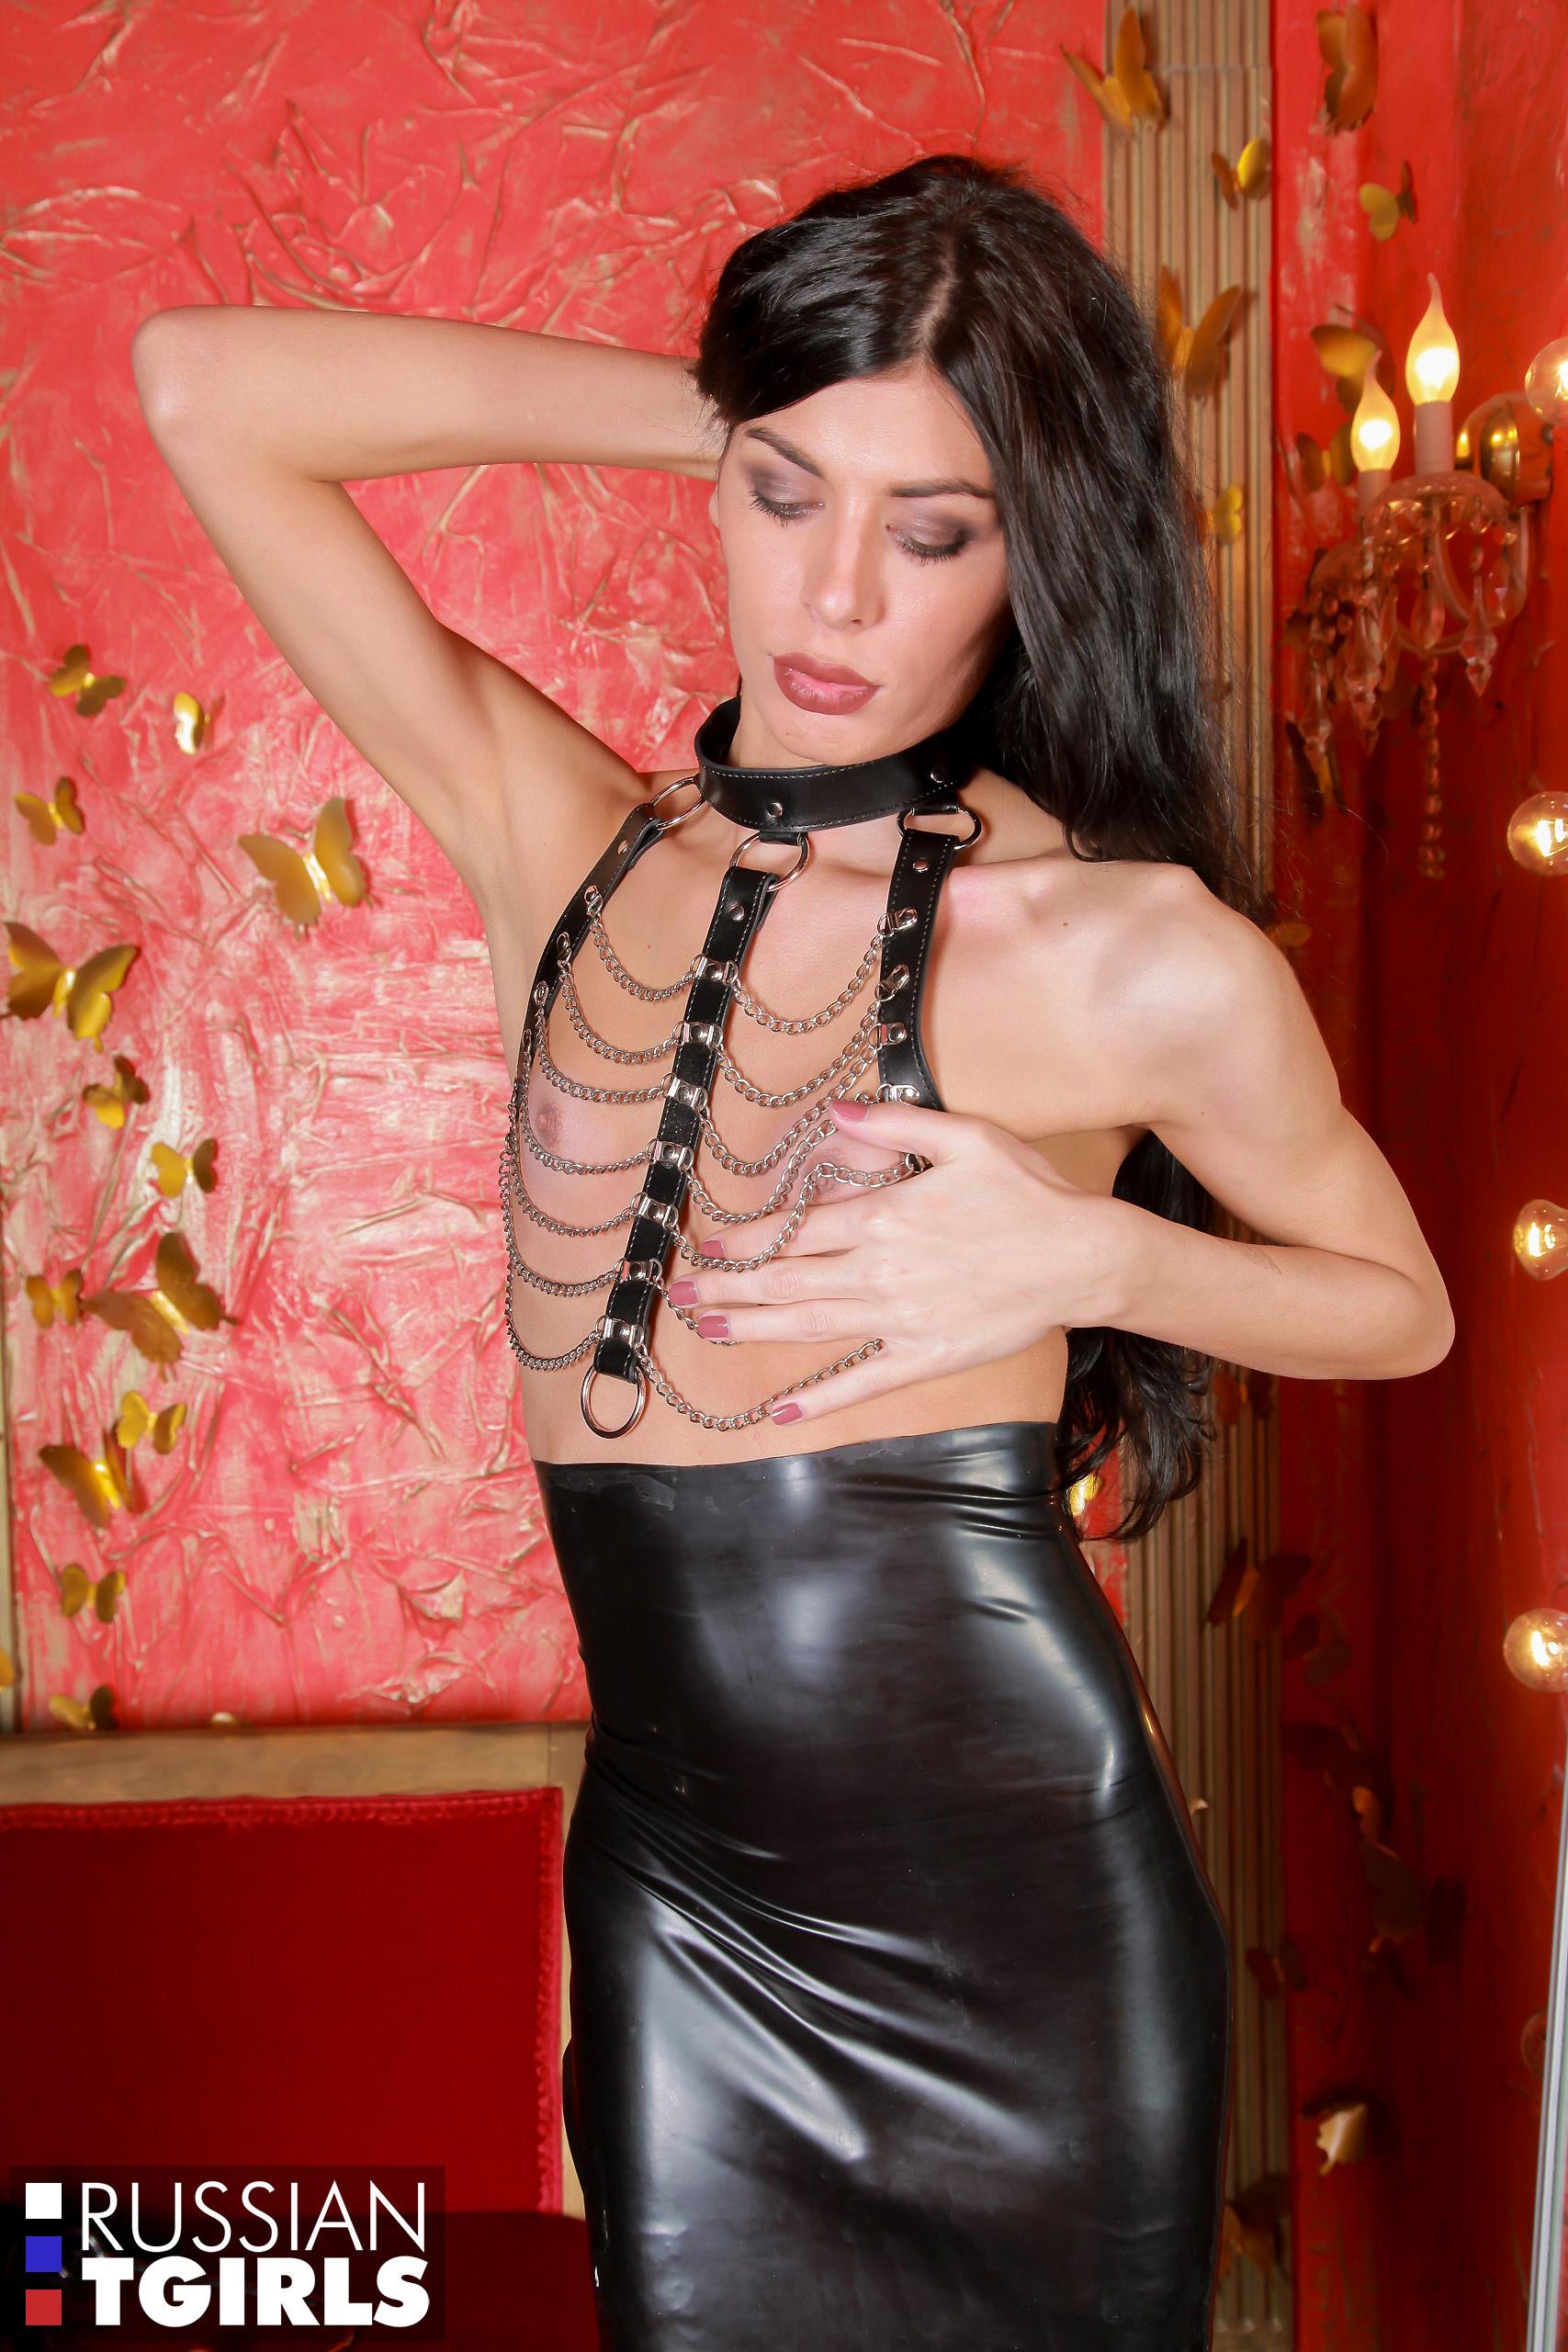 ekaterina alaska seductive domino shemale in black leather